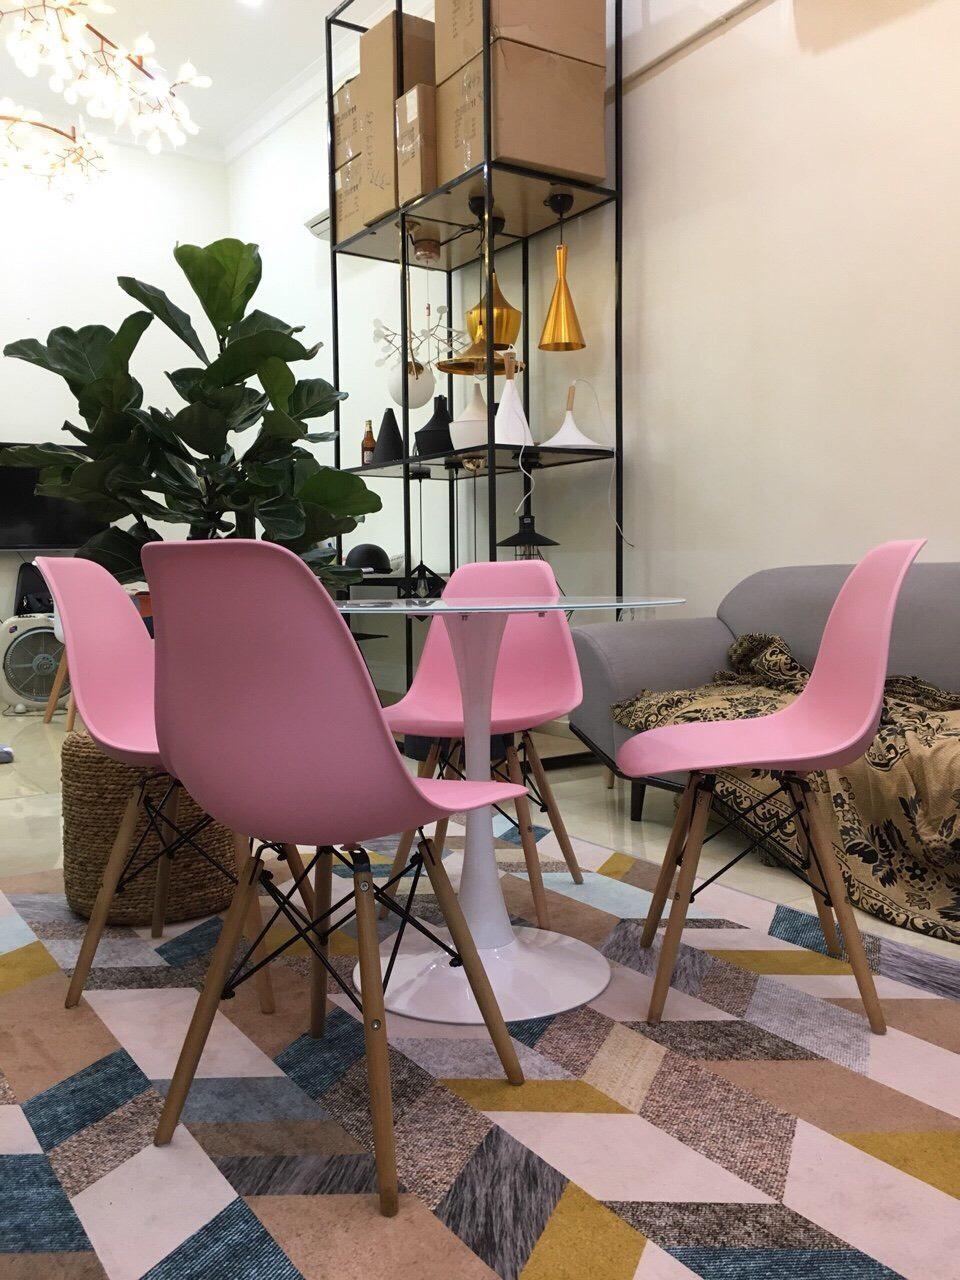 Bộ bàn ghế tulip 4 ghế Eames màu hồng